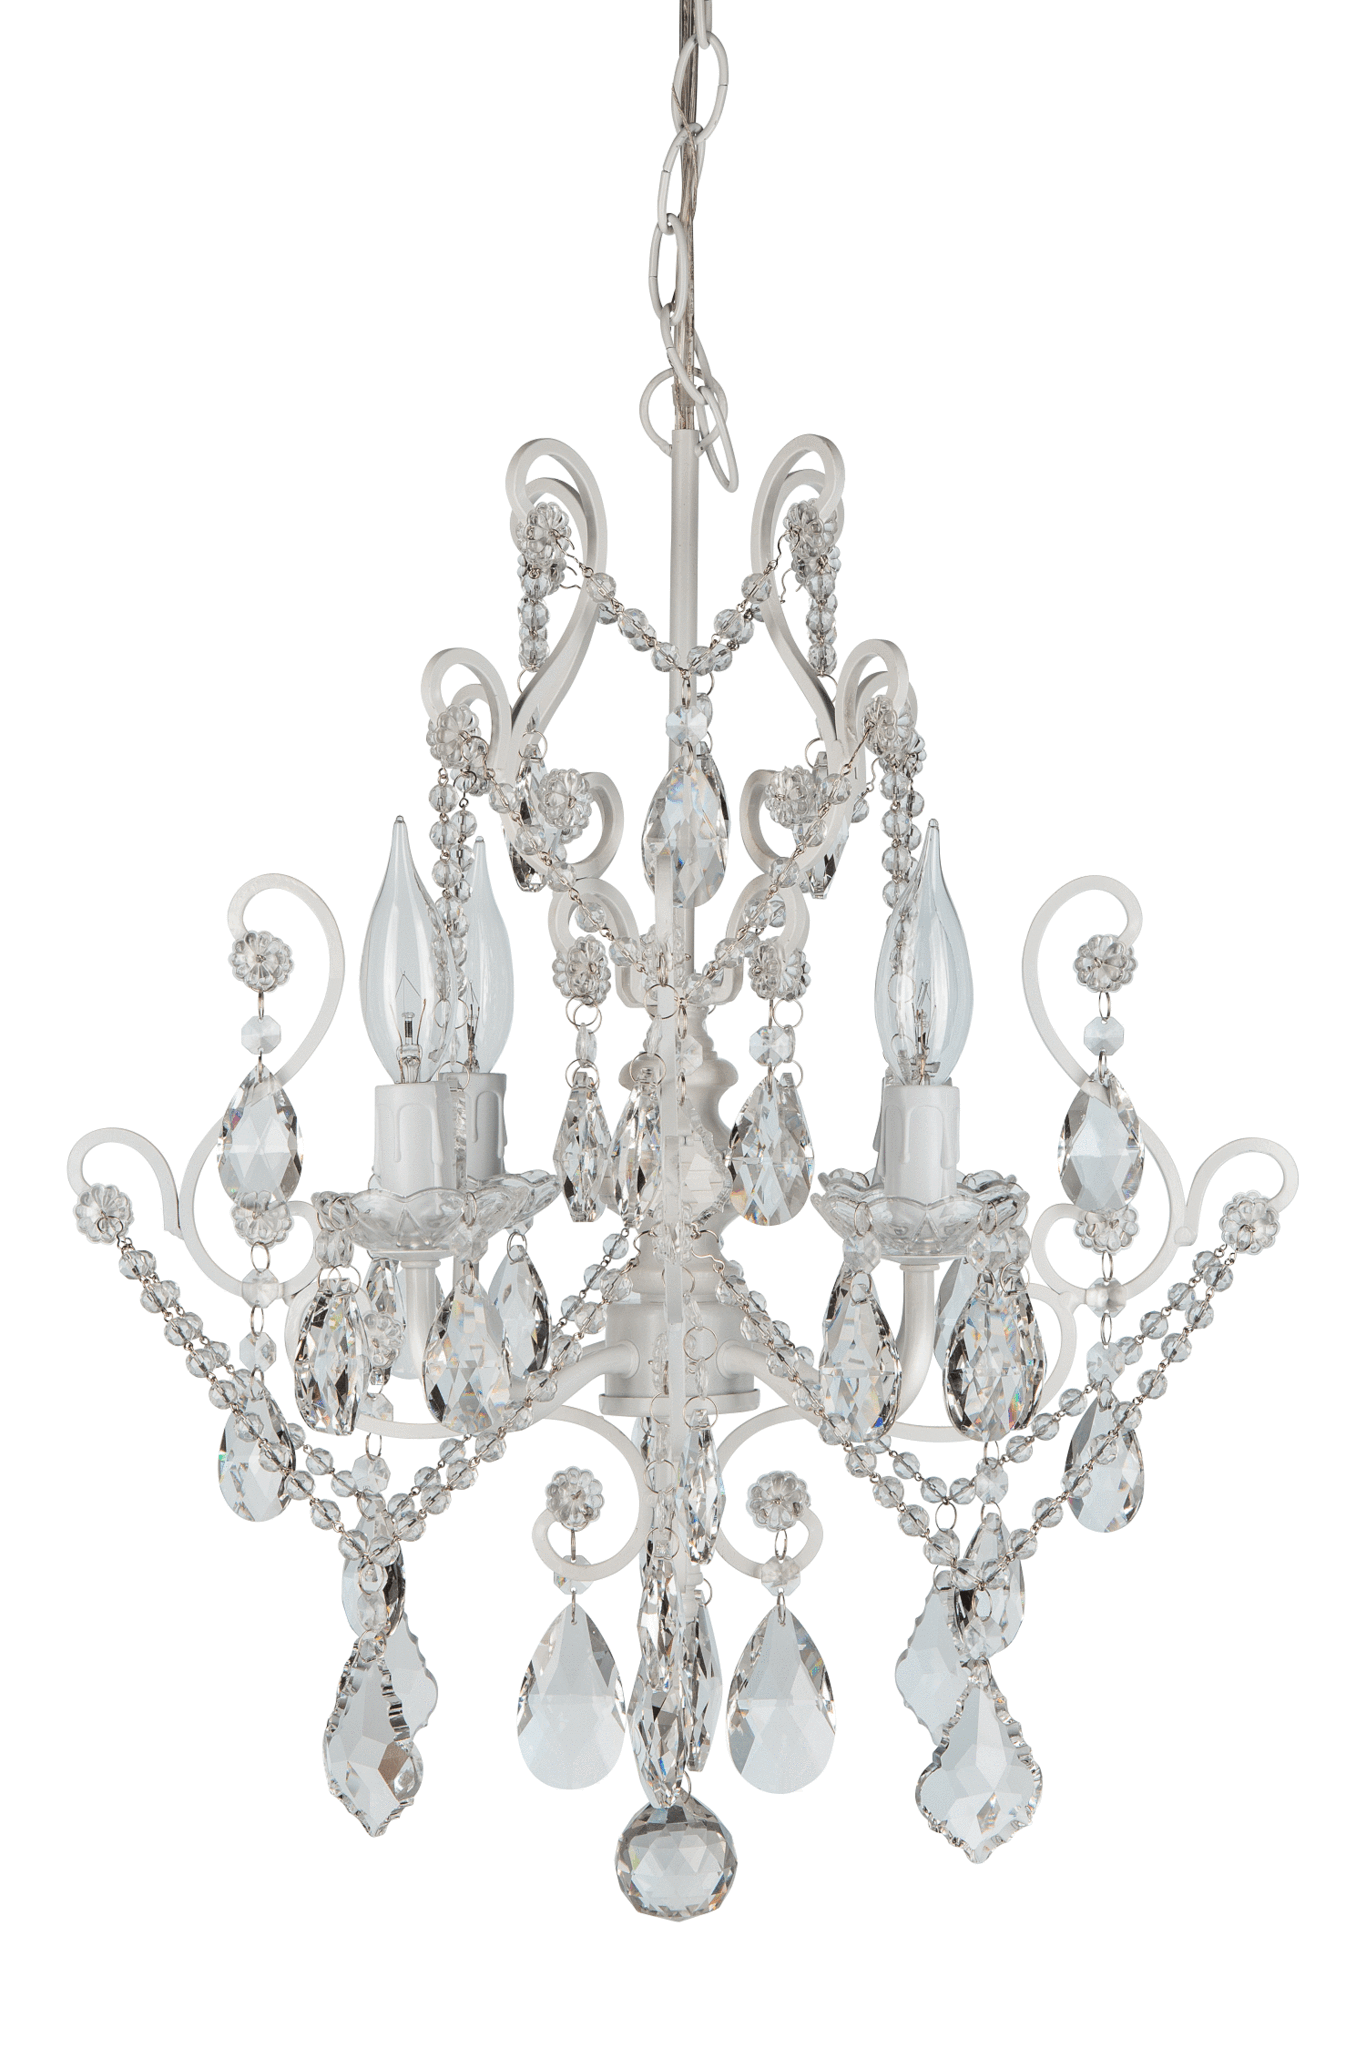 4 Light Vintage Crystal Plug In Chandelier White